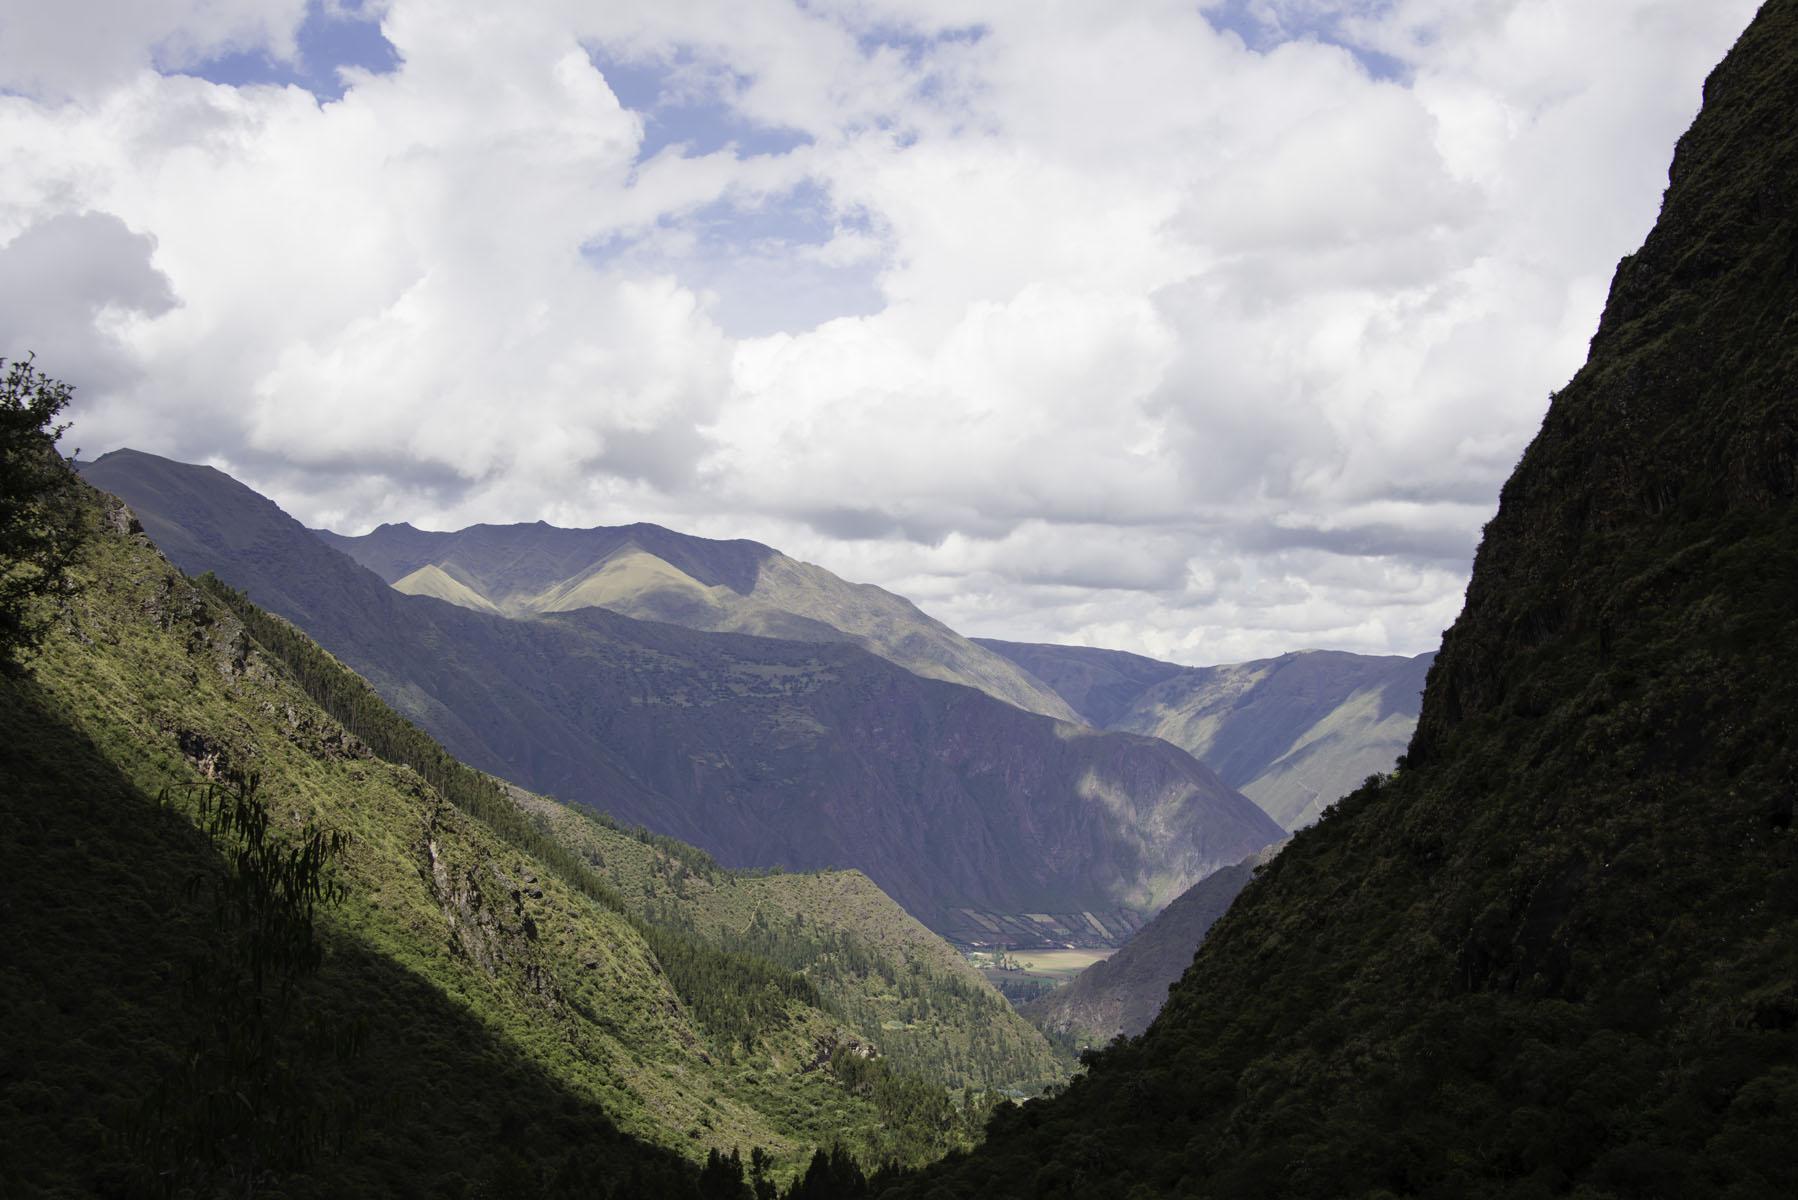 351-Peru-5-15_web.jpg